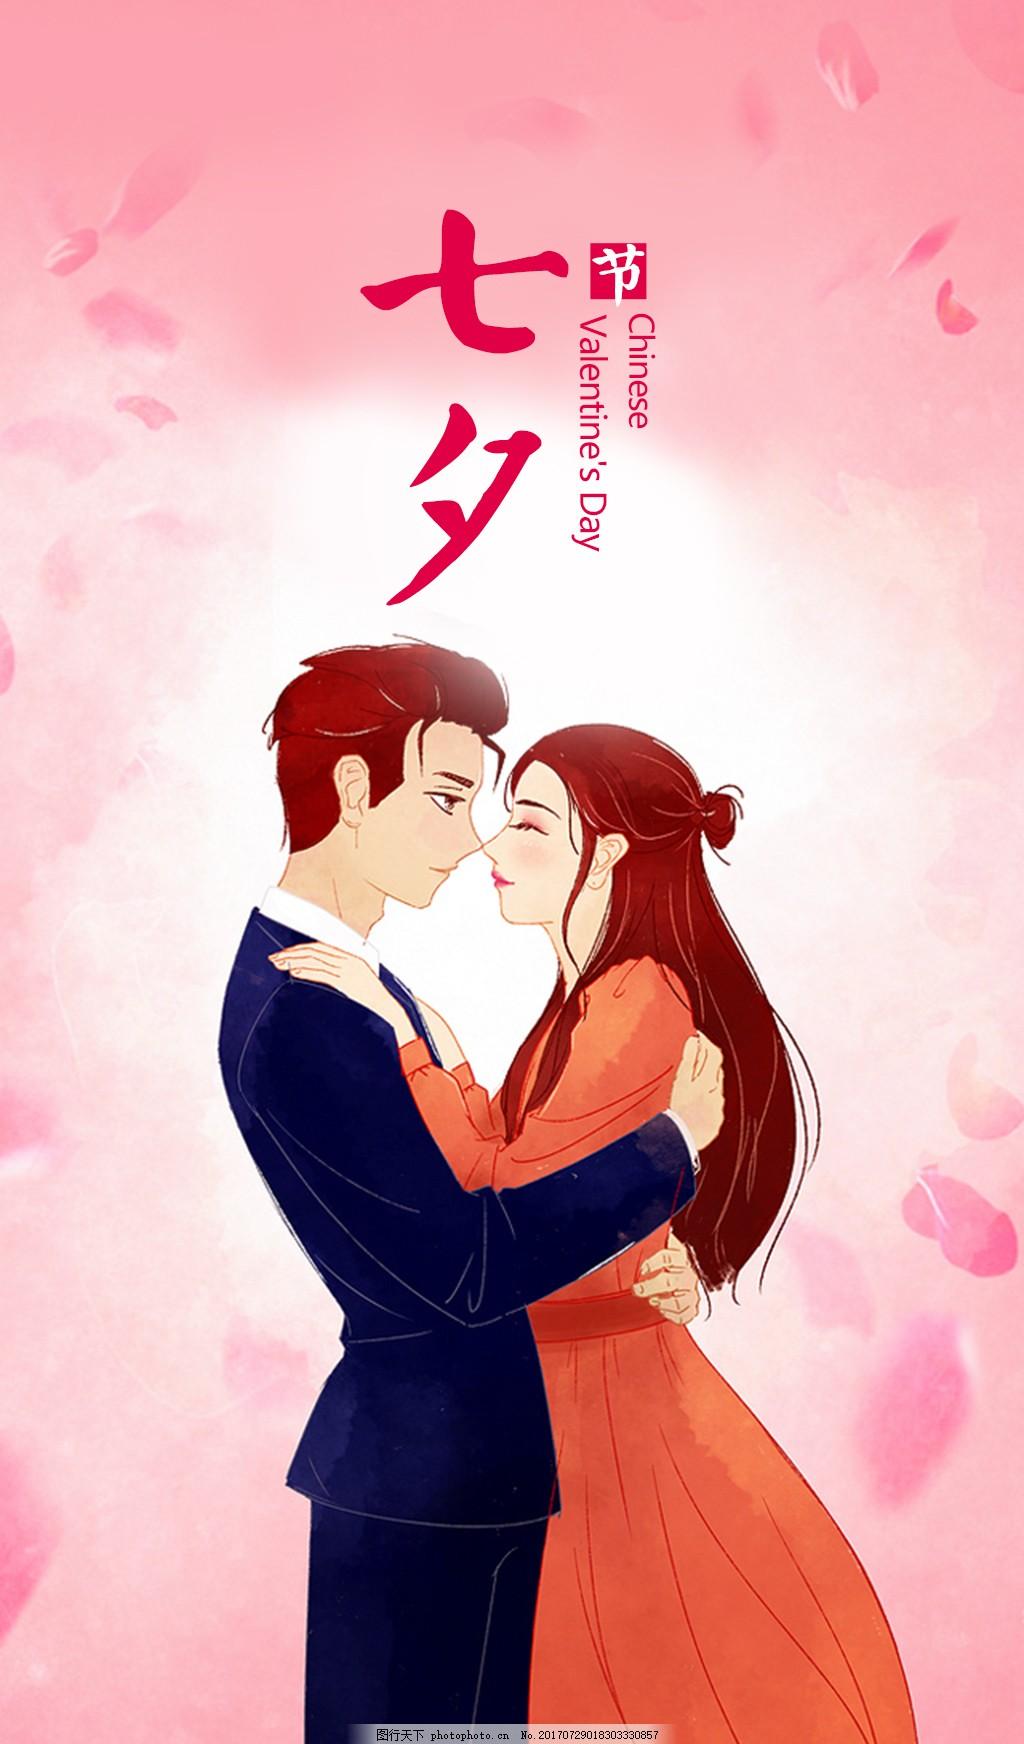 温馨浪漫七夕情人节微信配图 七夕节 拥抱 中国情人节 闪屏